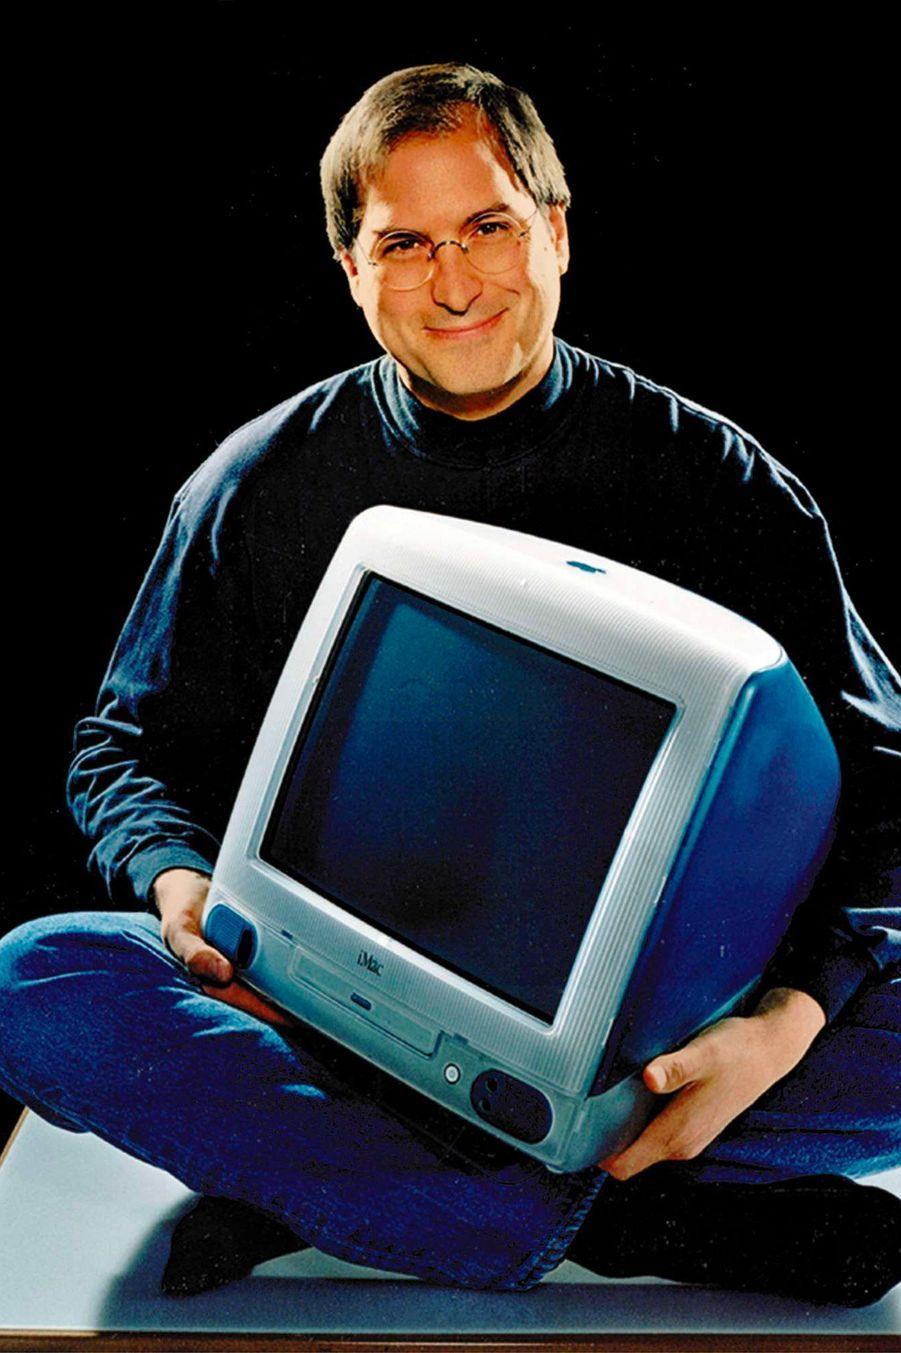 1998. Premier modèle de l'iMac, qui remplace le macintosh. Ses lignes courbées et sa couleur fluo sont une petite révolution pour l'époque.